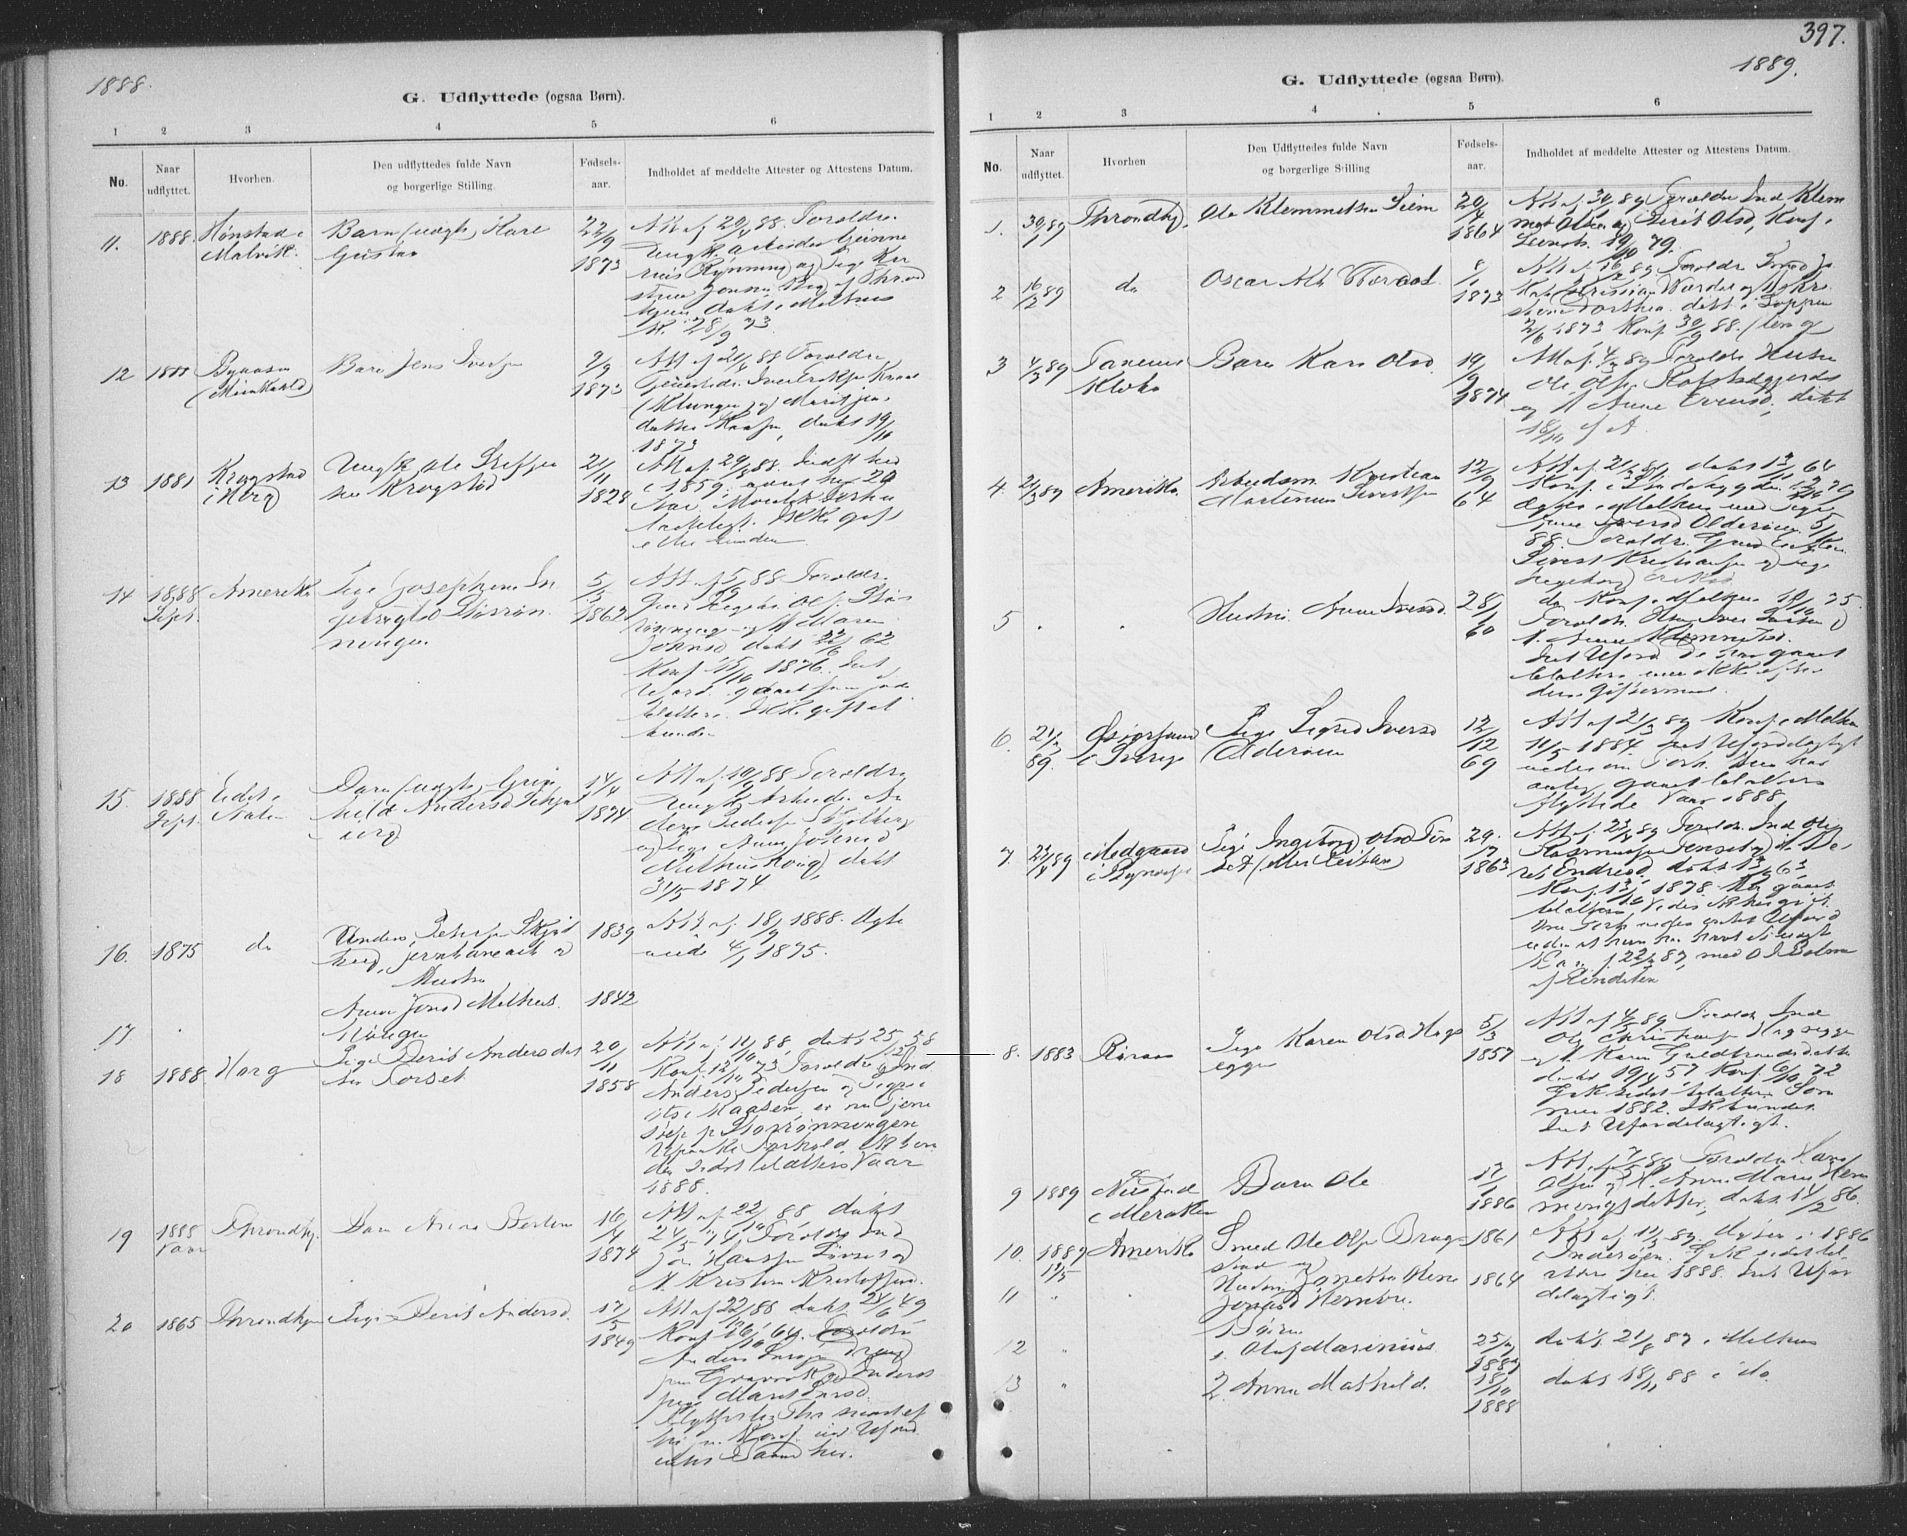 SAT, Ministerialprotokoller, klokkerbøker og fødselsregistre - Sør-Trøndelag, 691/L1085: Ministerialbok nr. 691A17, 1887-1908, s. 397